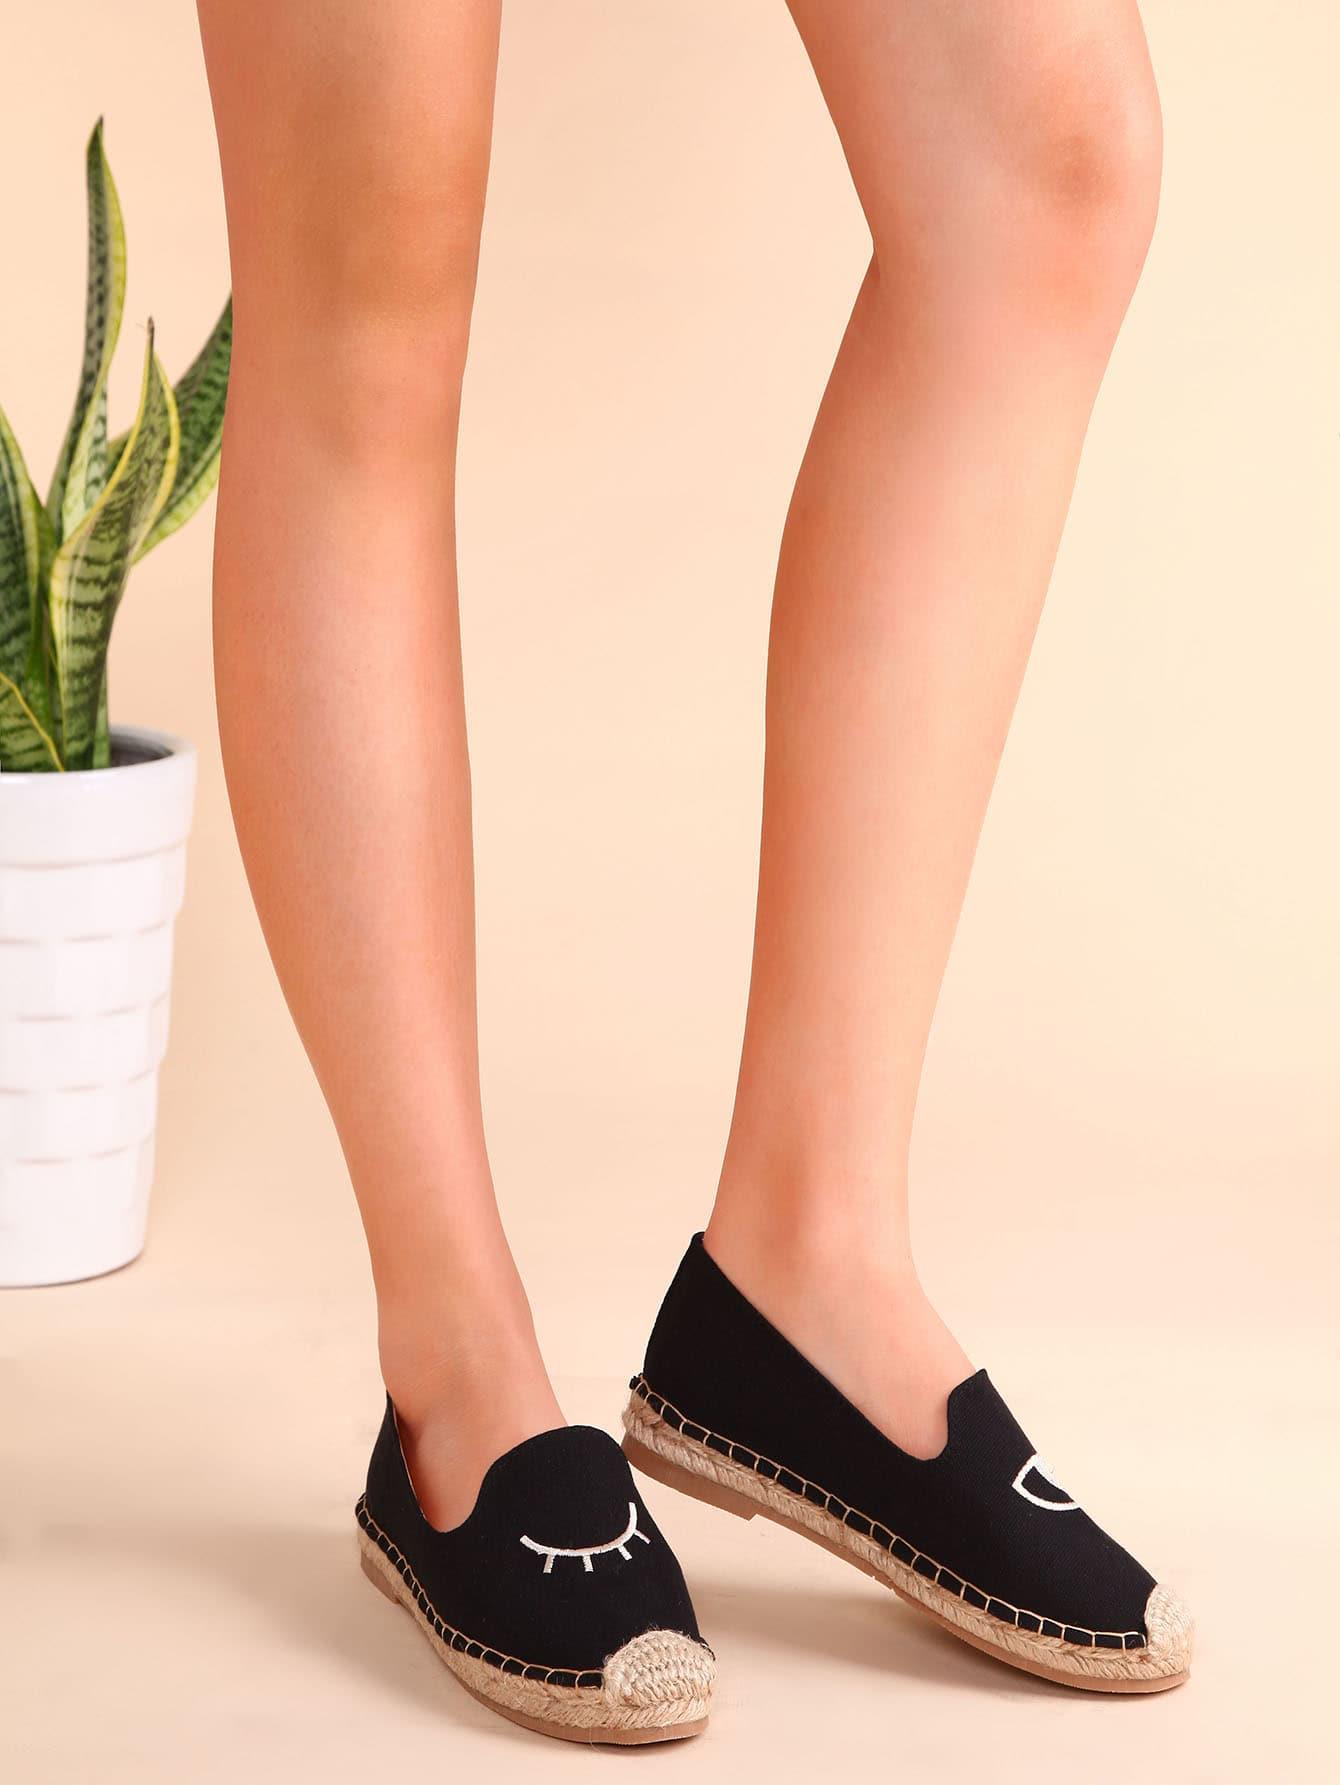 shoes161108807_3